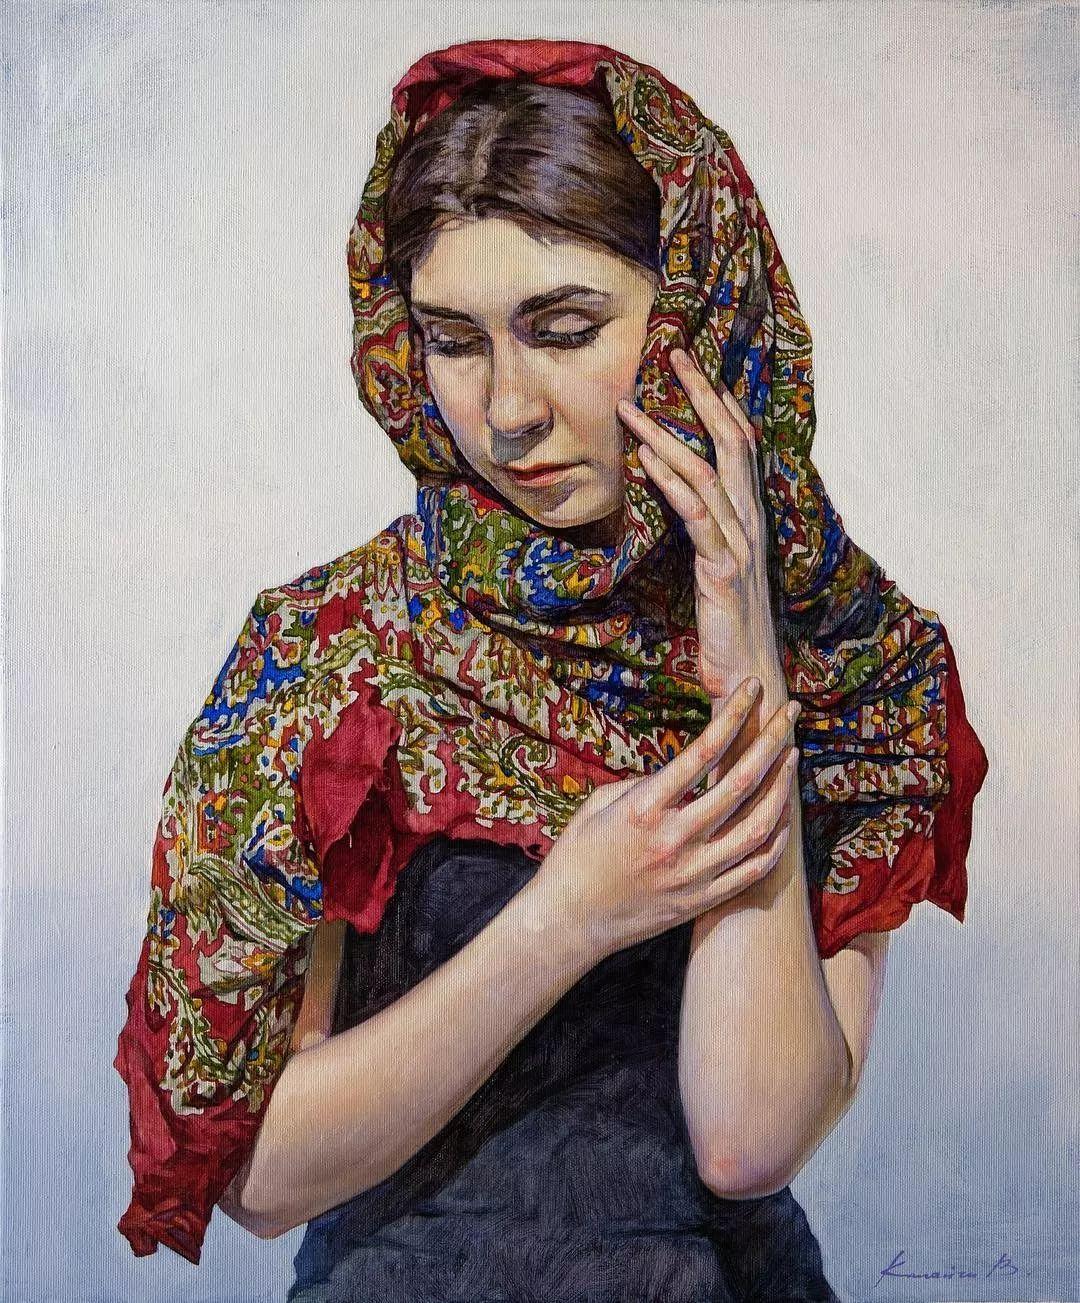 油画居然画得这么鲜艳?俄罗斯Victoria Kalaichi插图20